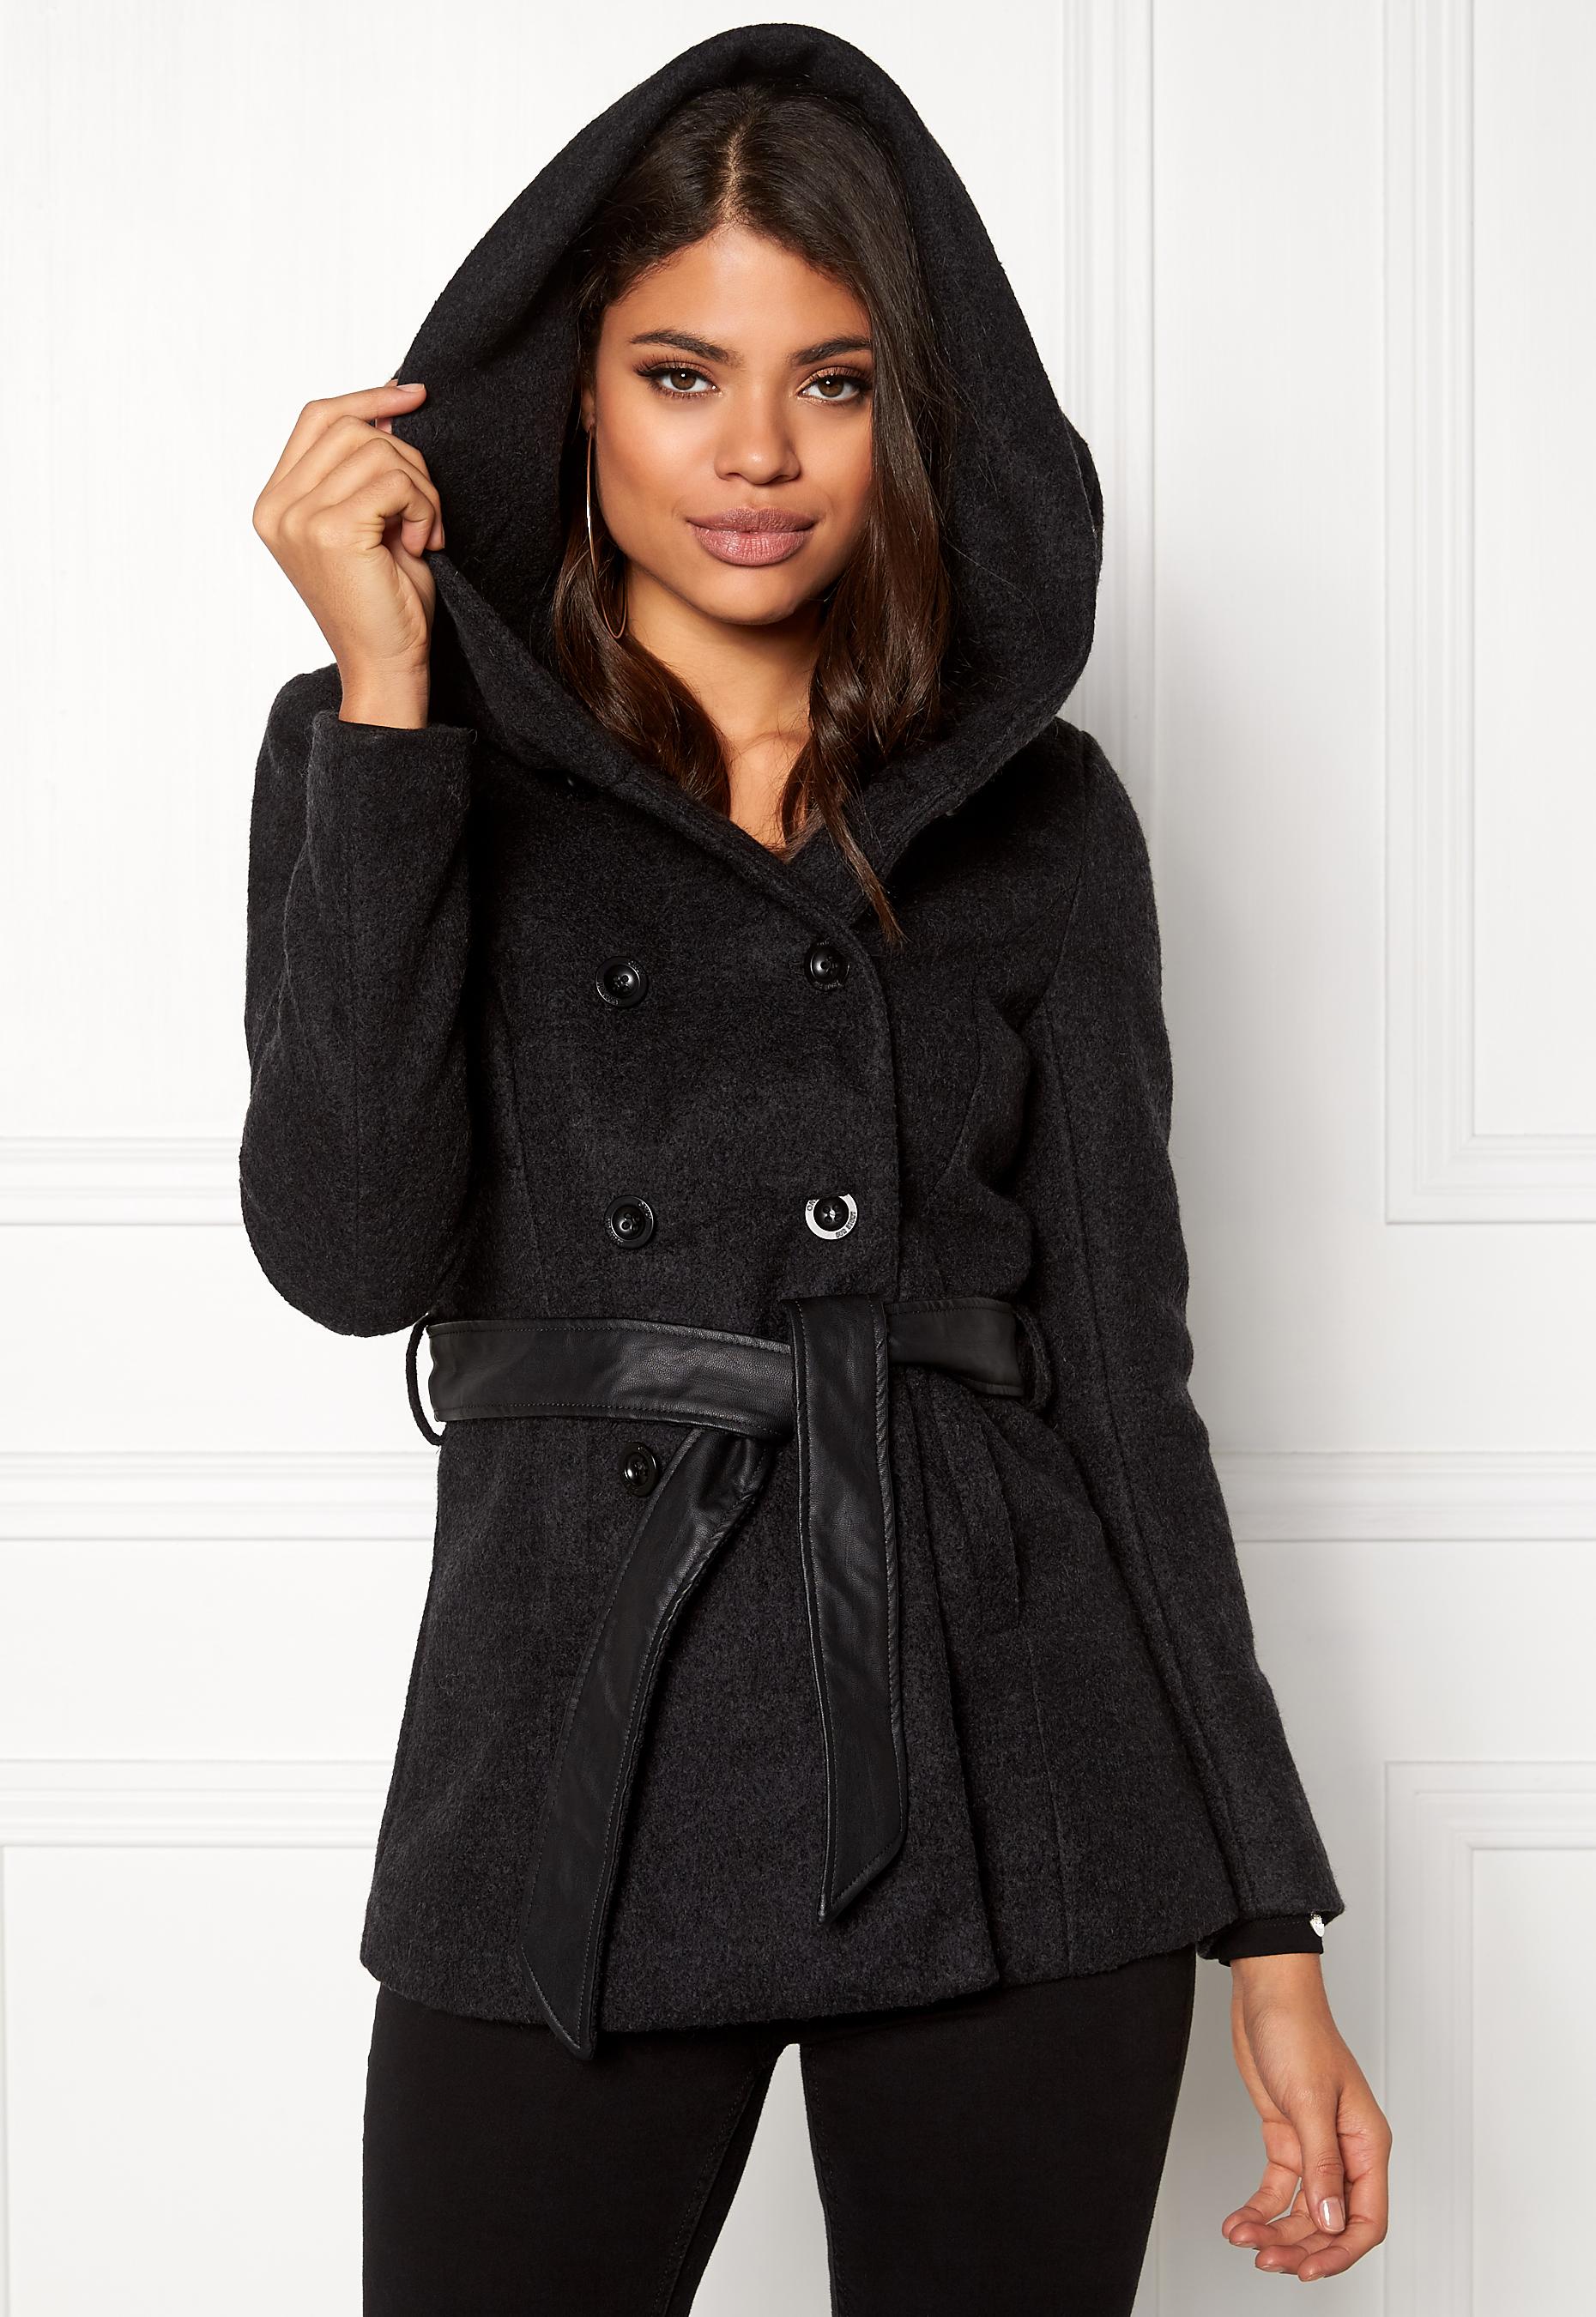 Mantel von Only, Gr. S, Schwarz, Lisa Wool Coat PU Belt RP1